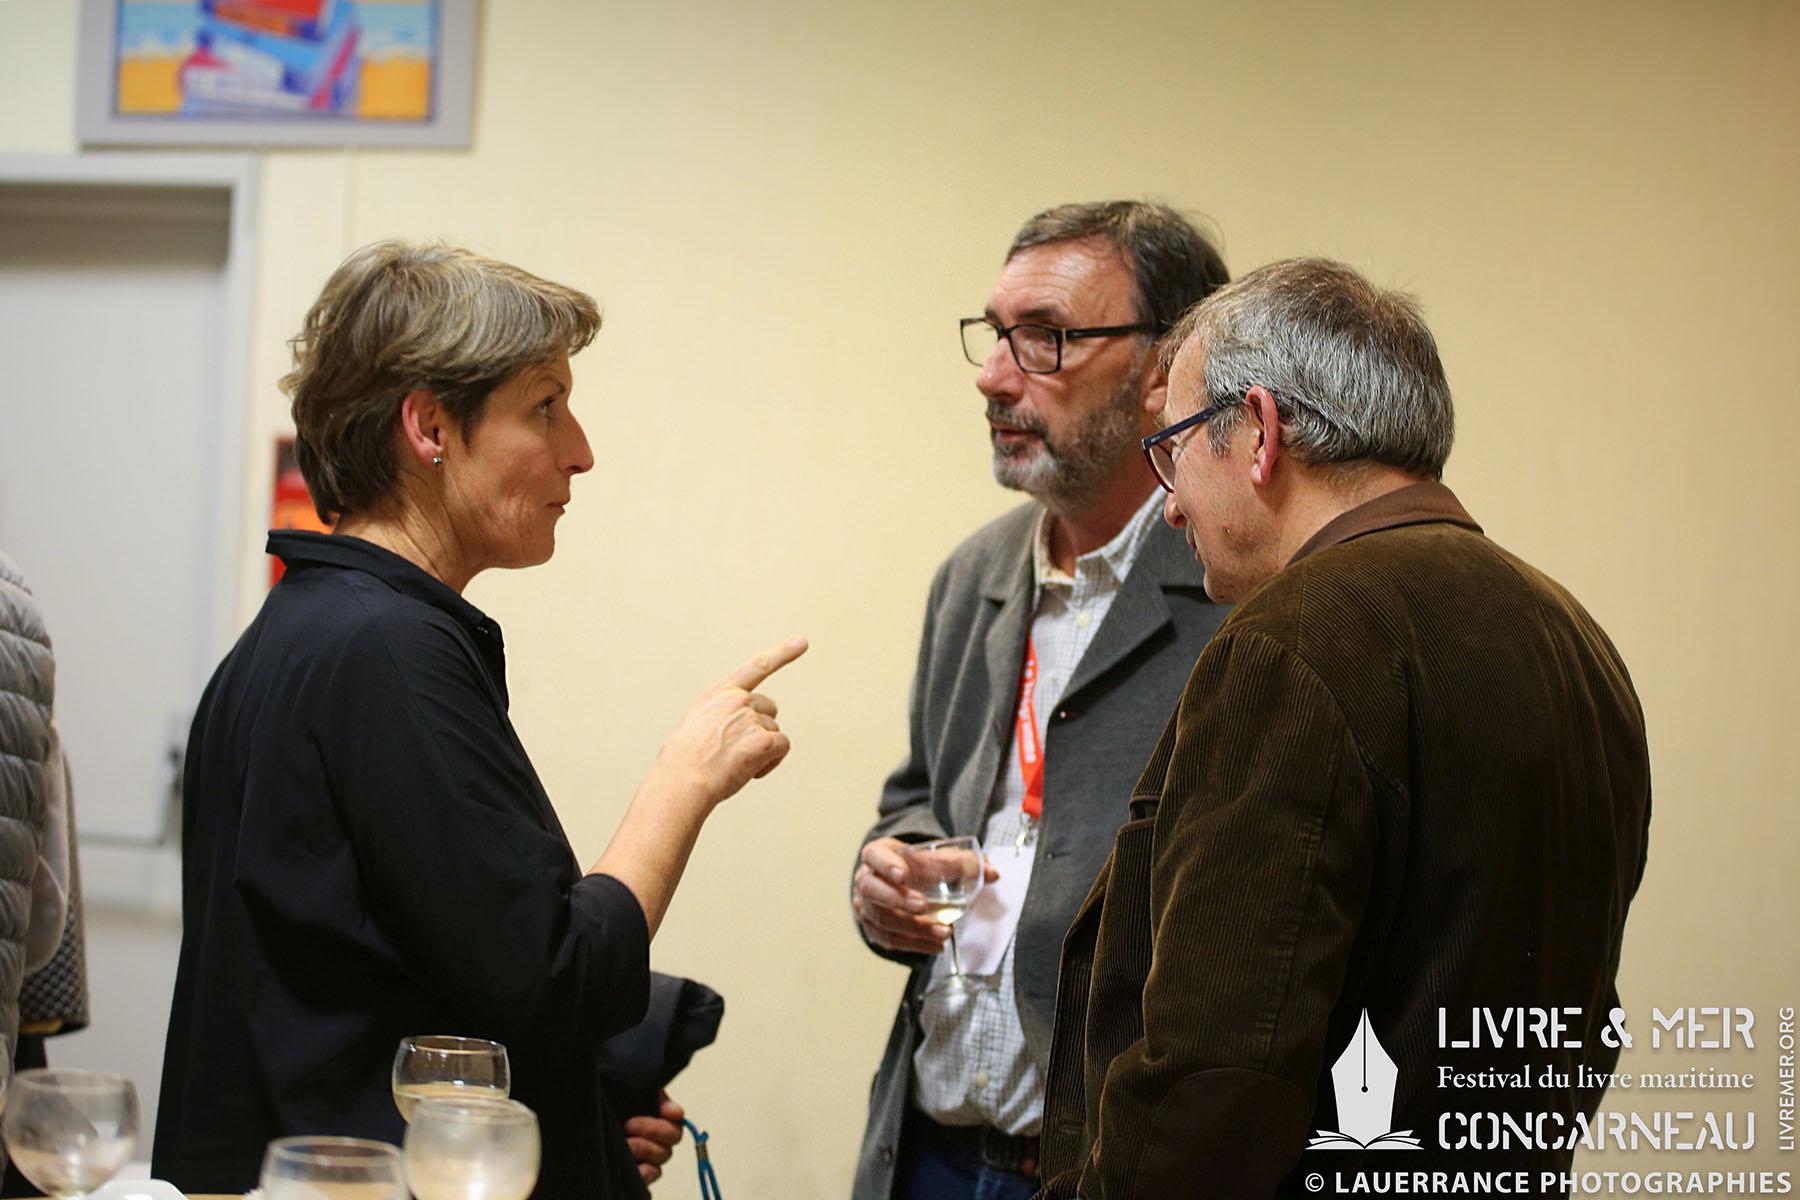 Anne Quéméré, Benoît Stichelbaut & Pierre-François Bonneau © Lauerrance Photographies